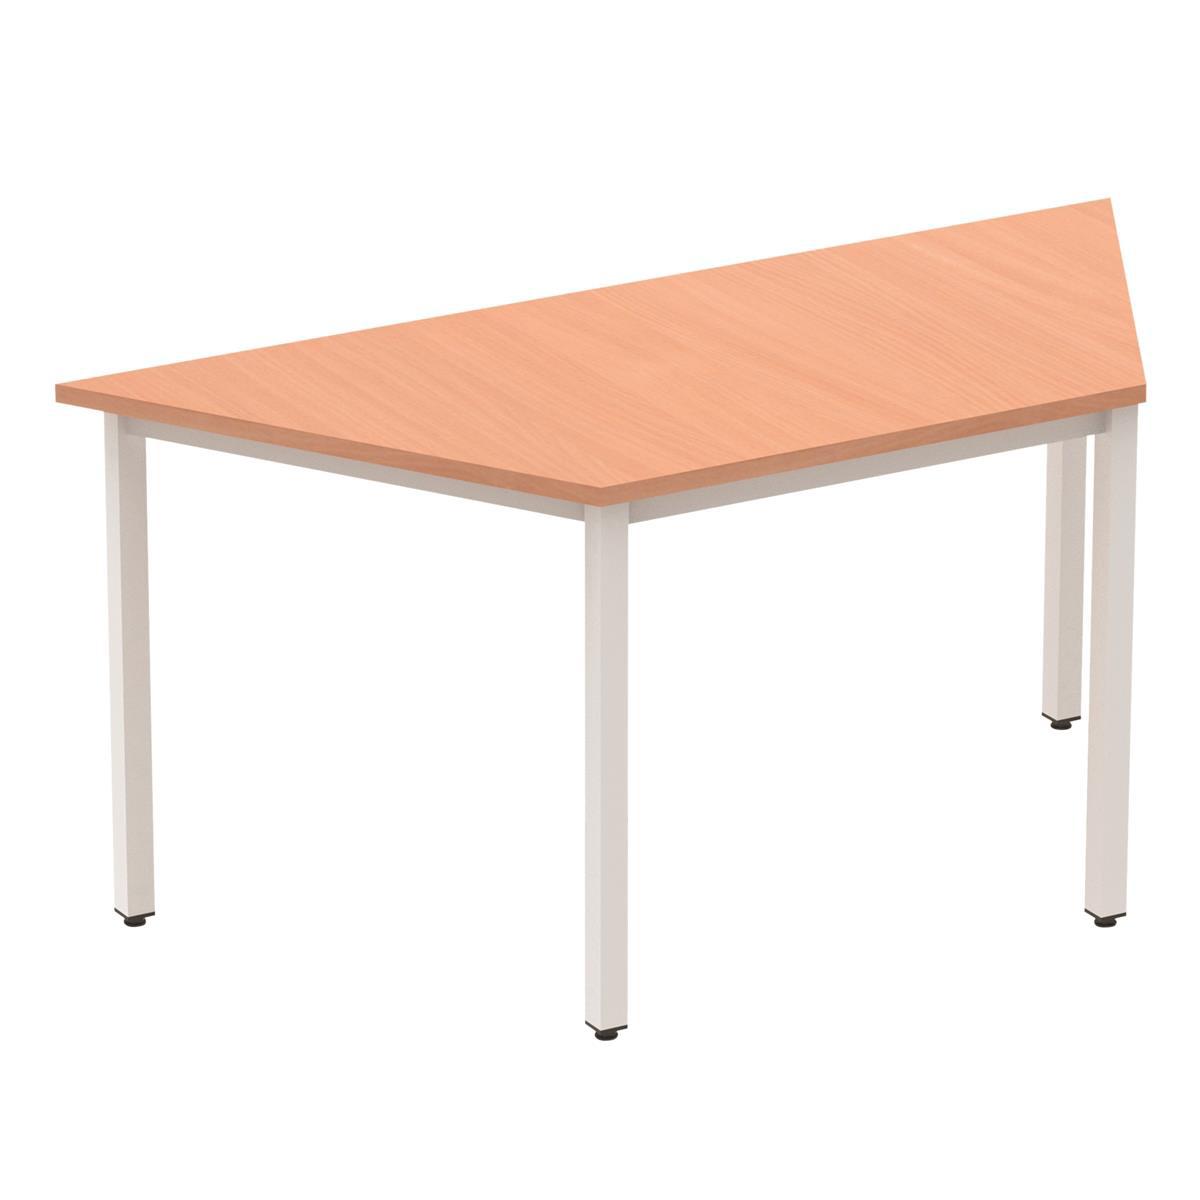 Trexus Trapezoidal Box Frame Silver Leg Table 1600x800mm Beech Ref BF00108